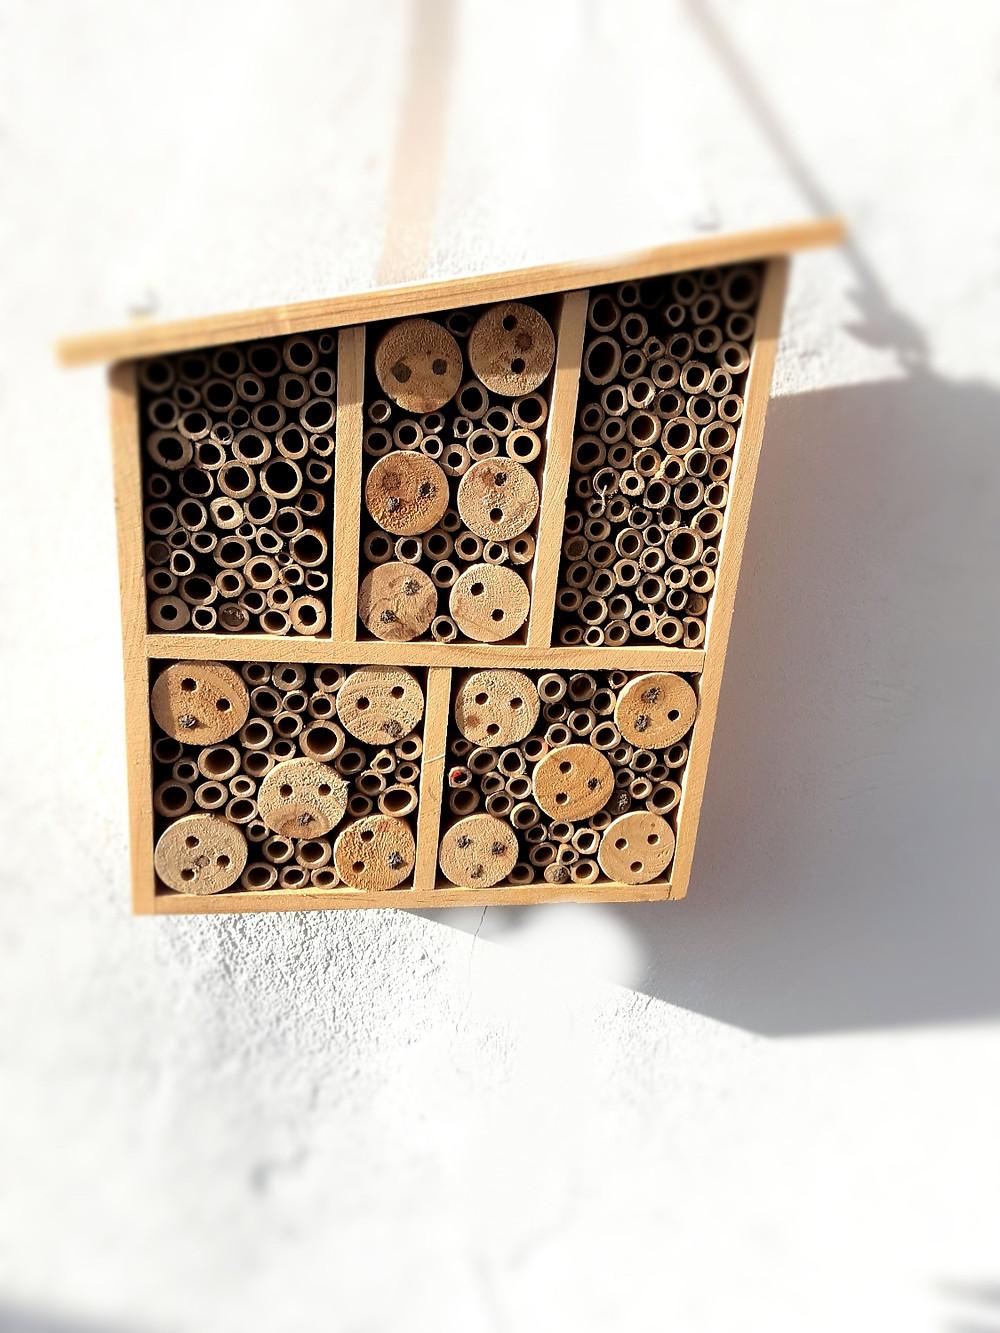 Insektenhotel, Bienen, Insekten, Haus, Nachhaltigkeit, Umweltschutz